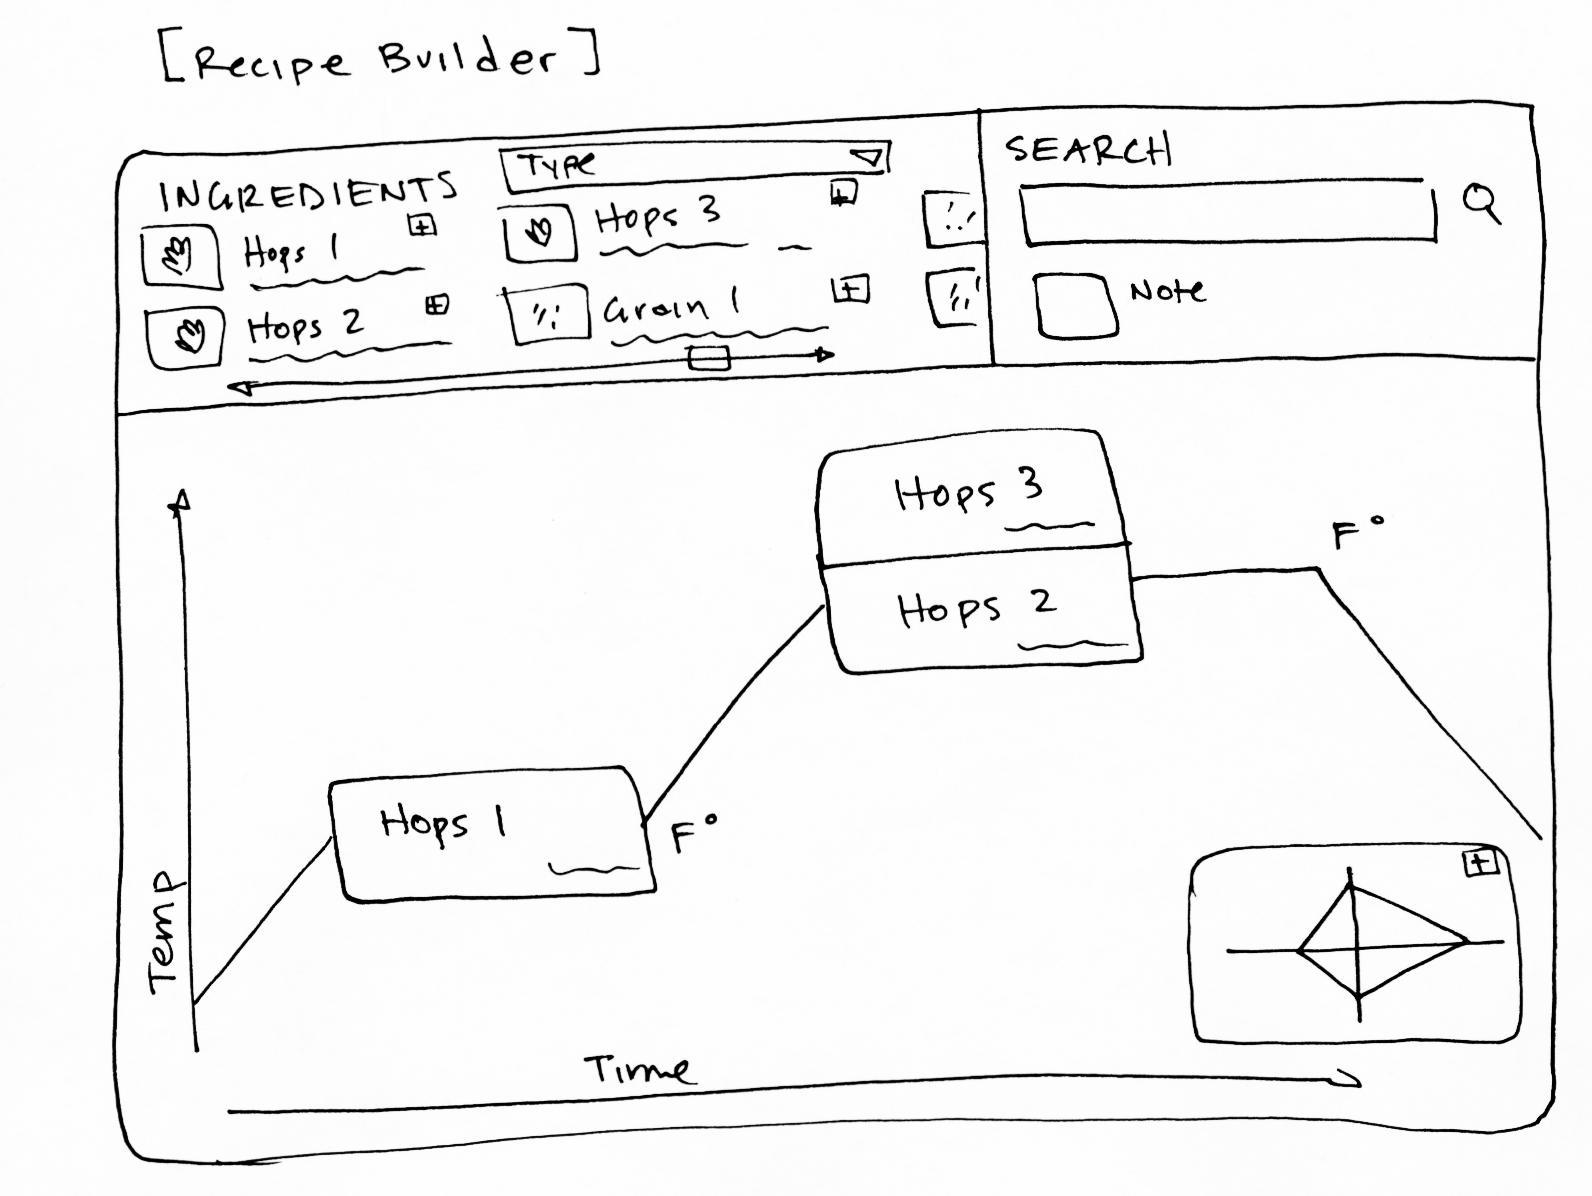 beer recipe builder.jpg